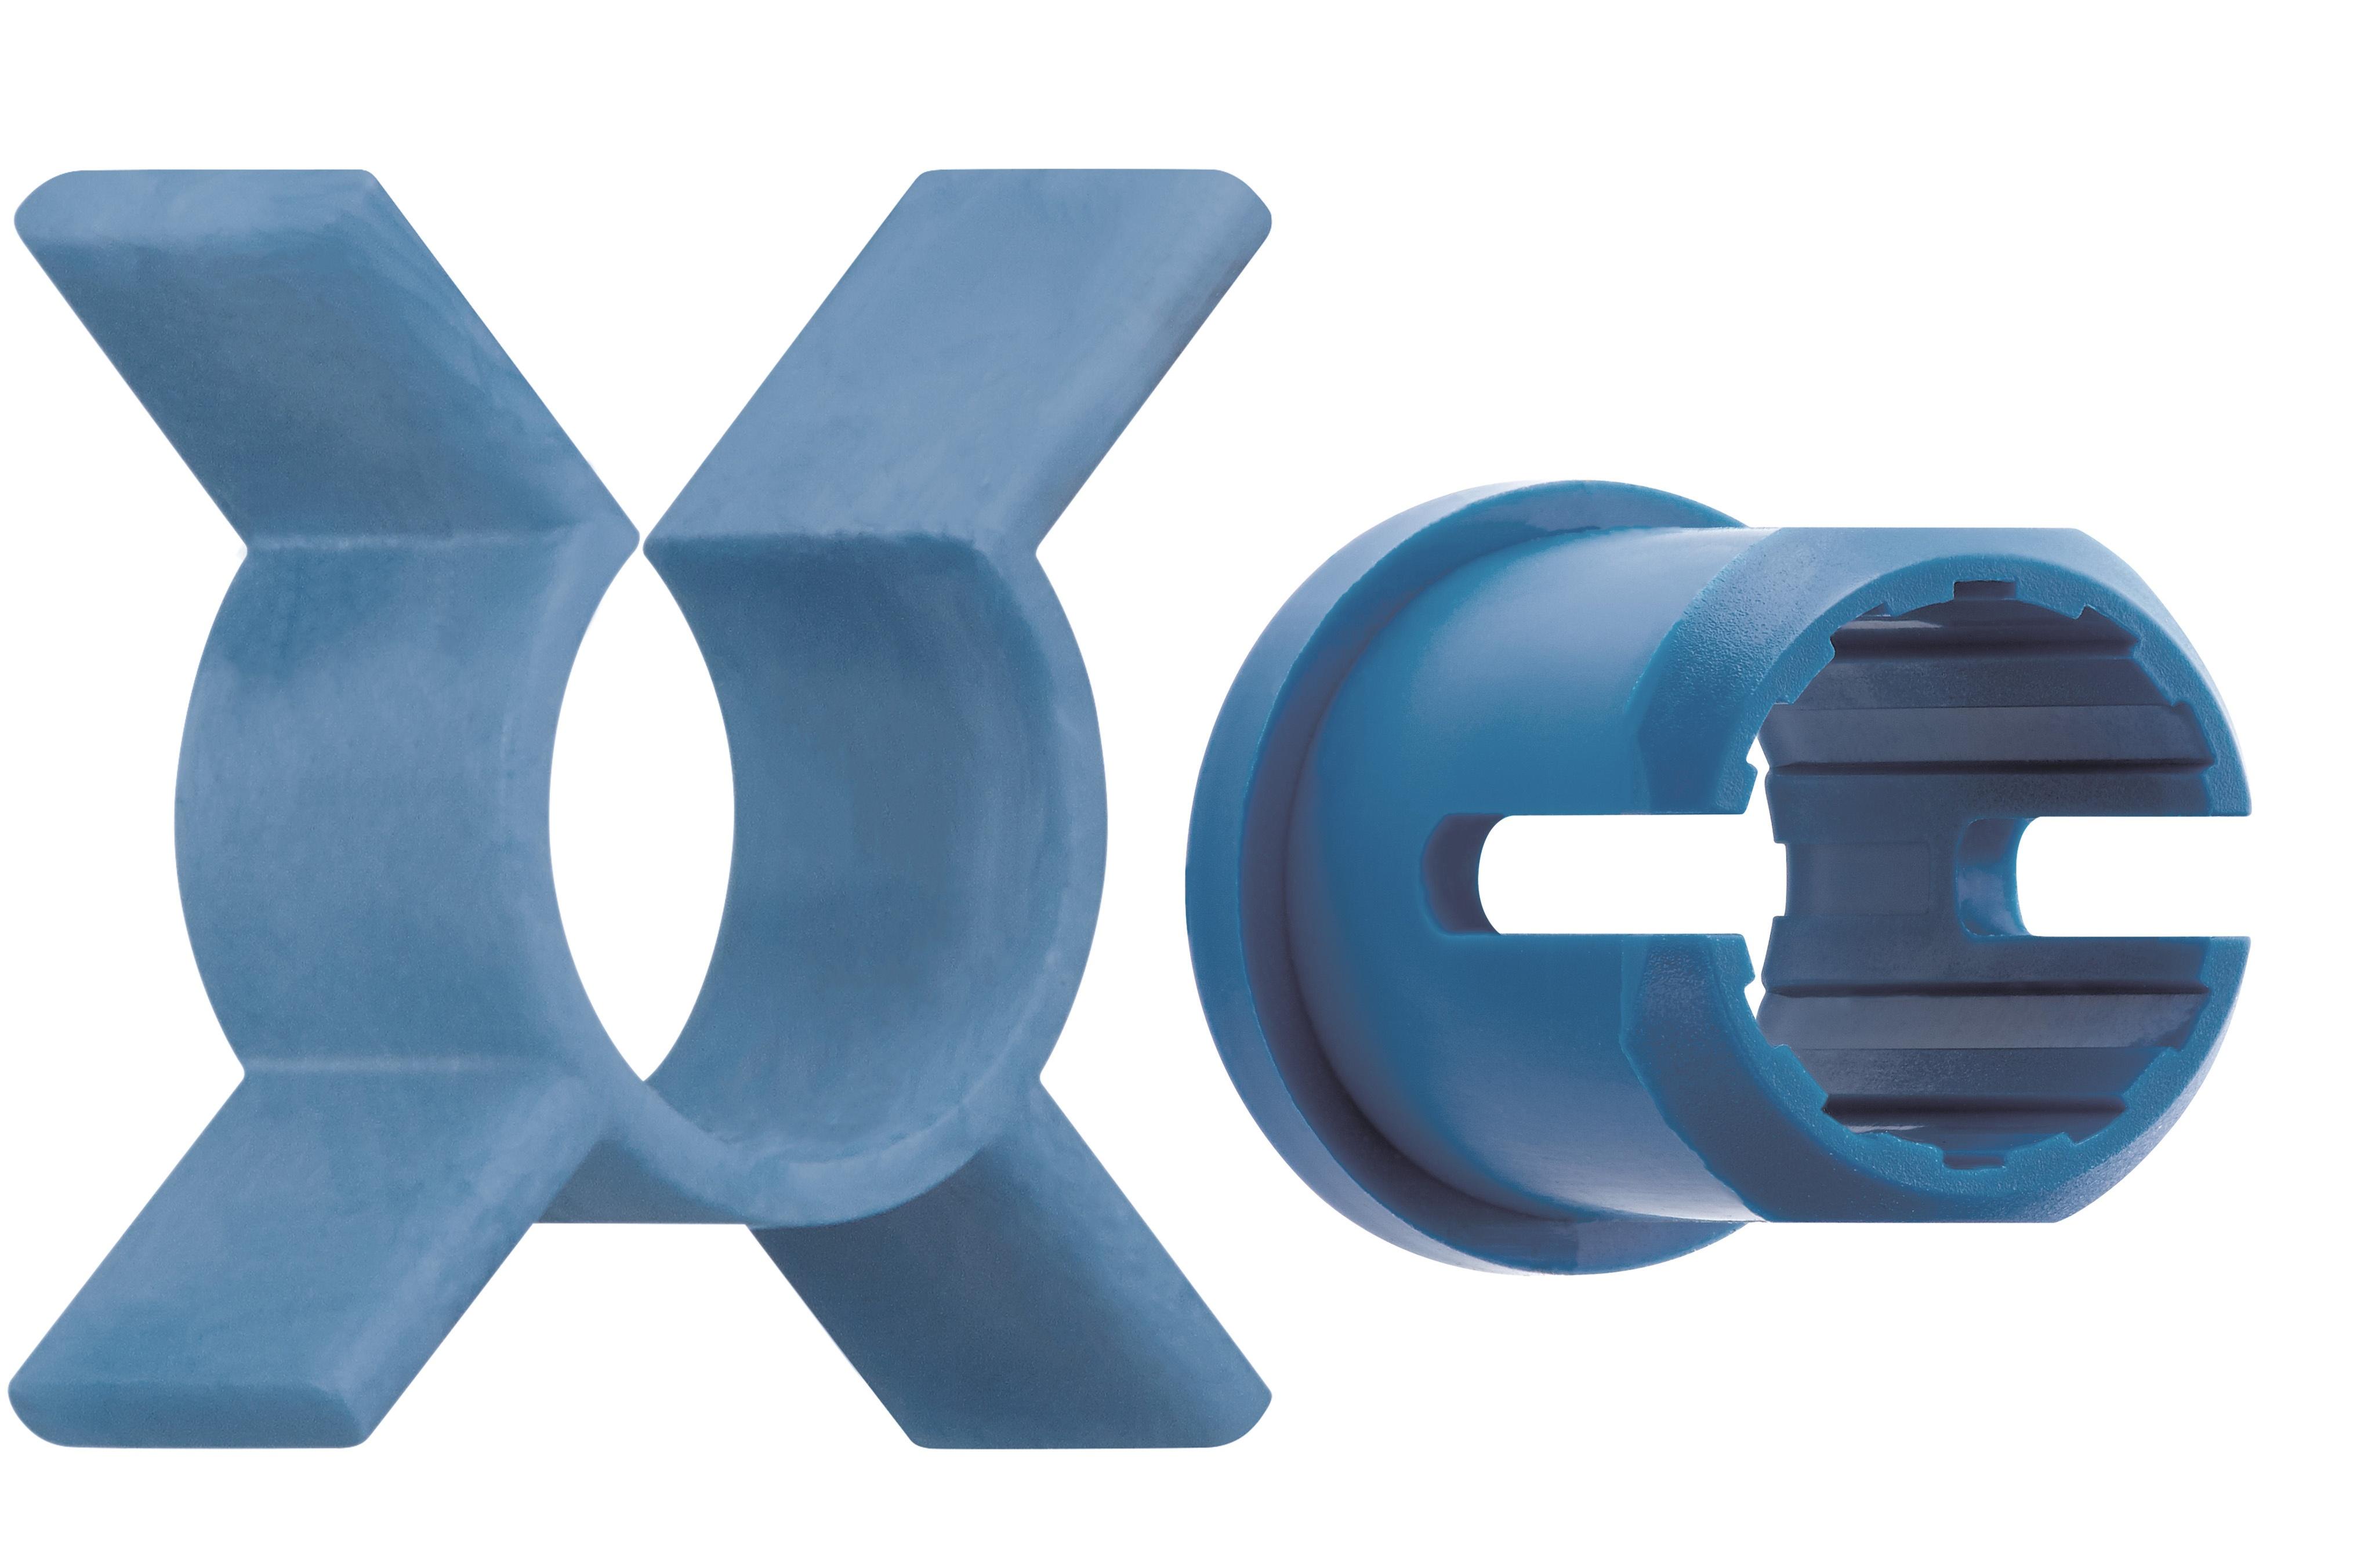 igus® prototypes